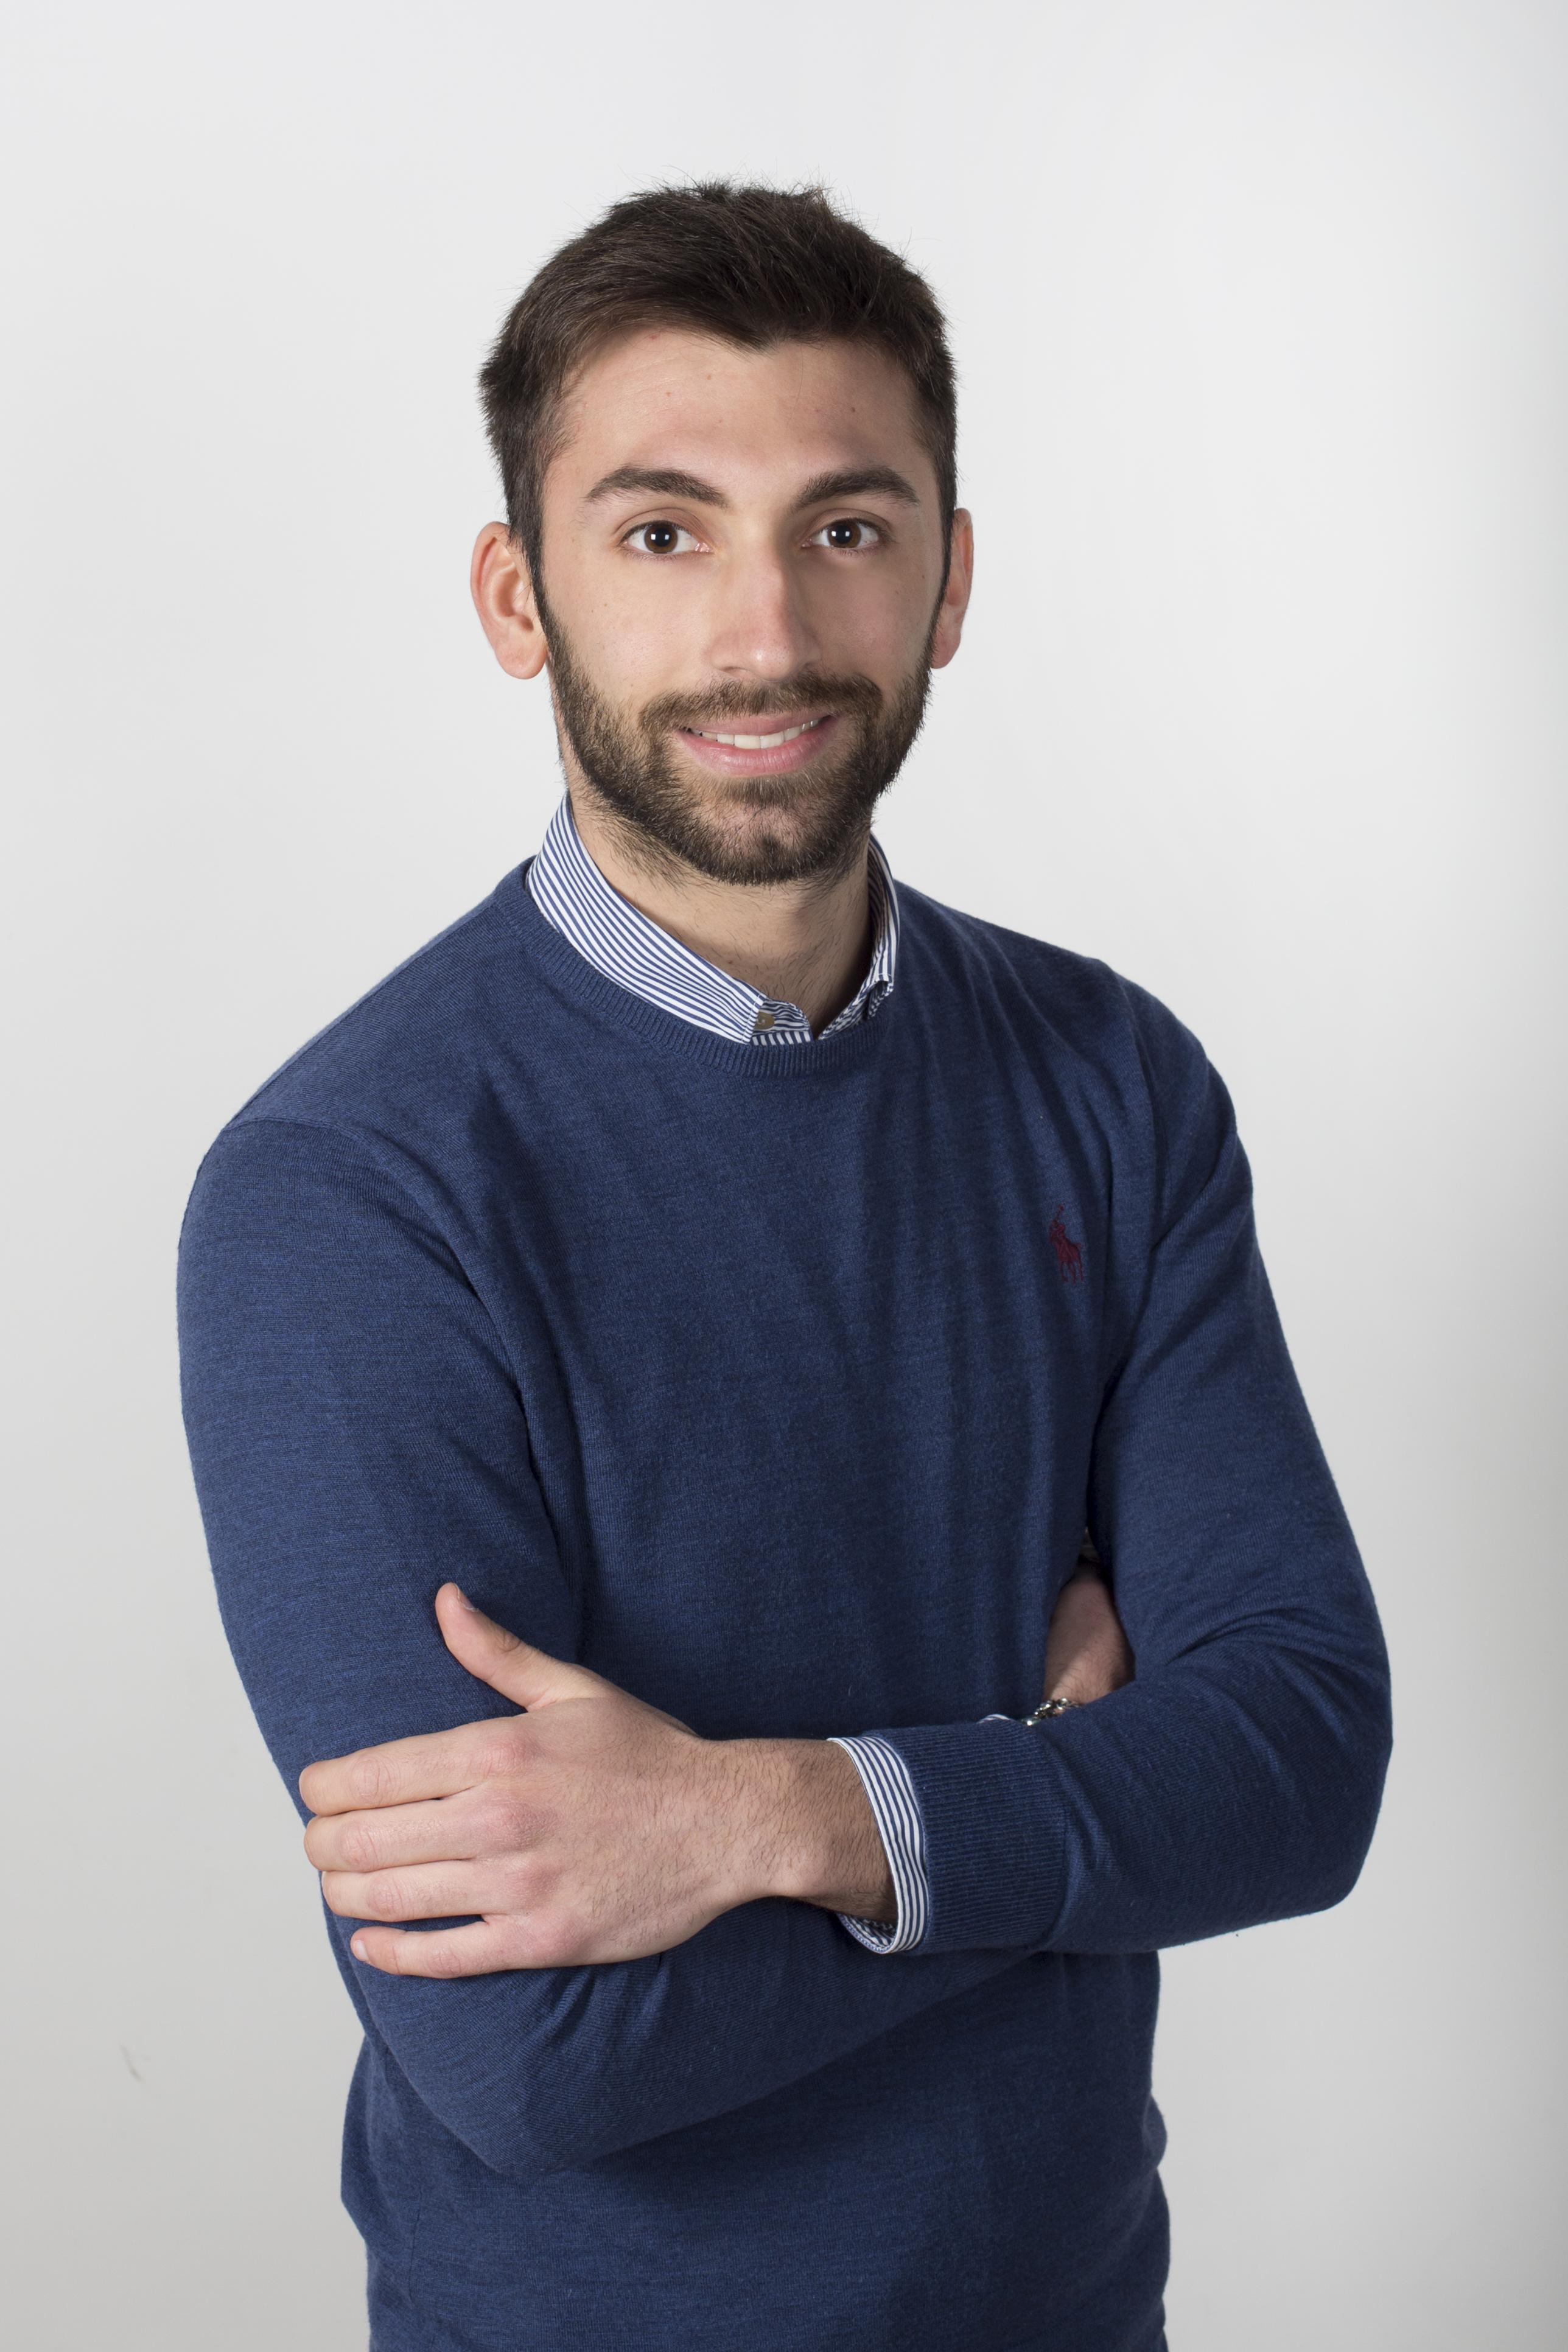 Geom. Federico Bosco